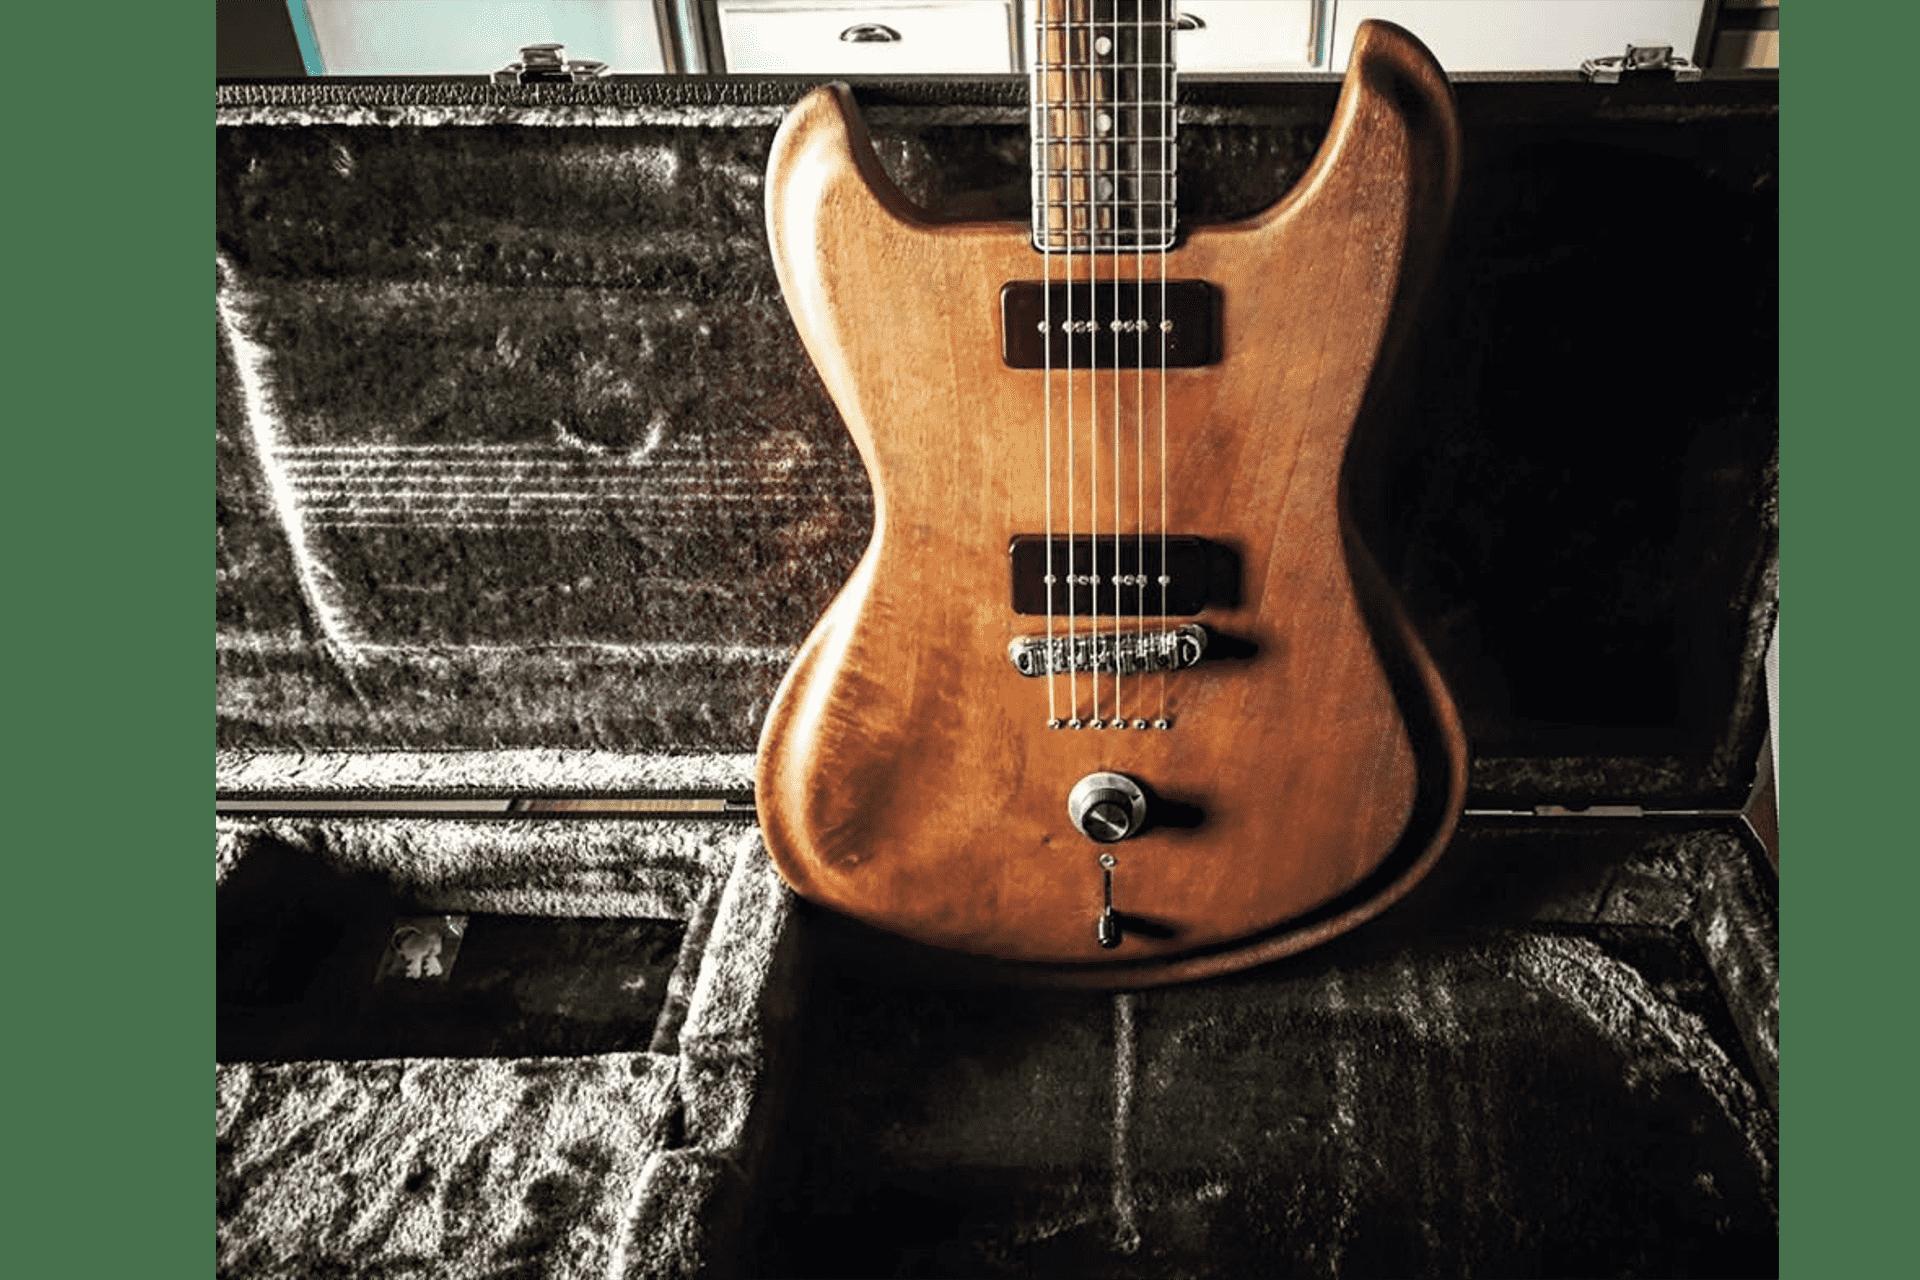 chitarra-trattata-con-olio-di-luna